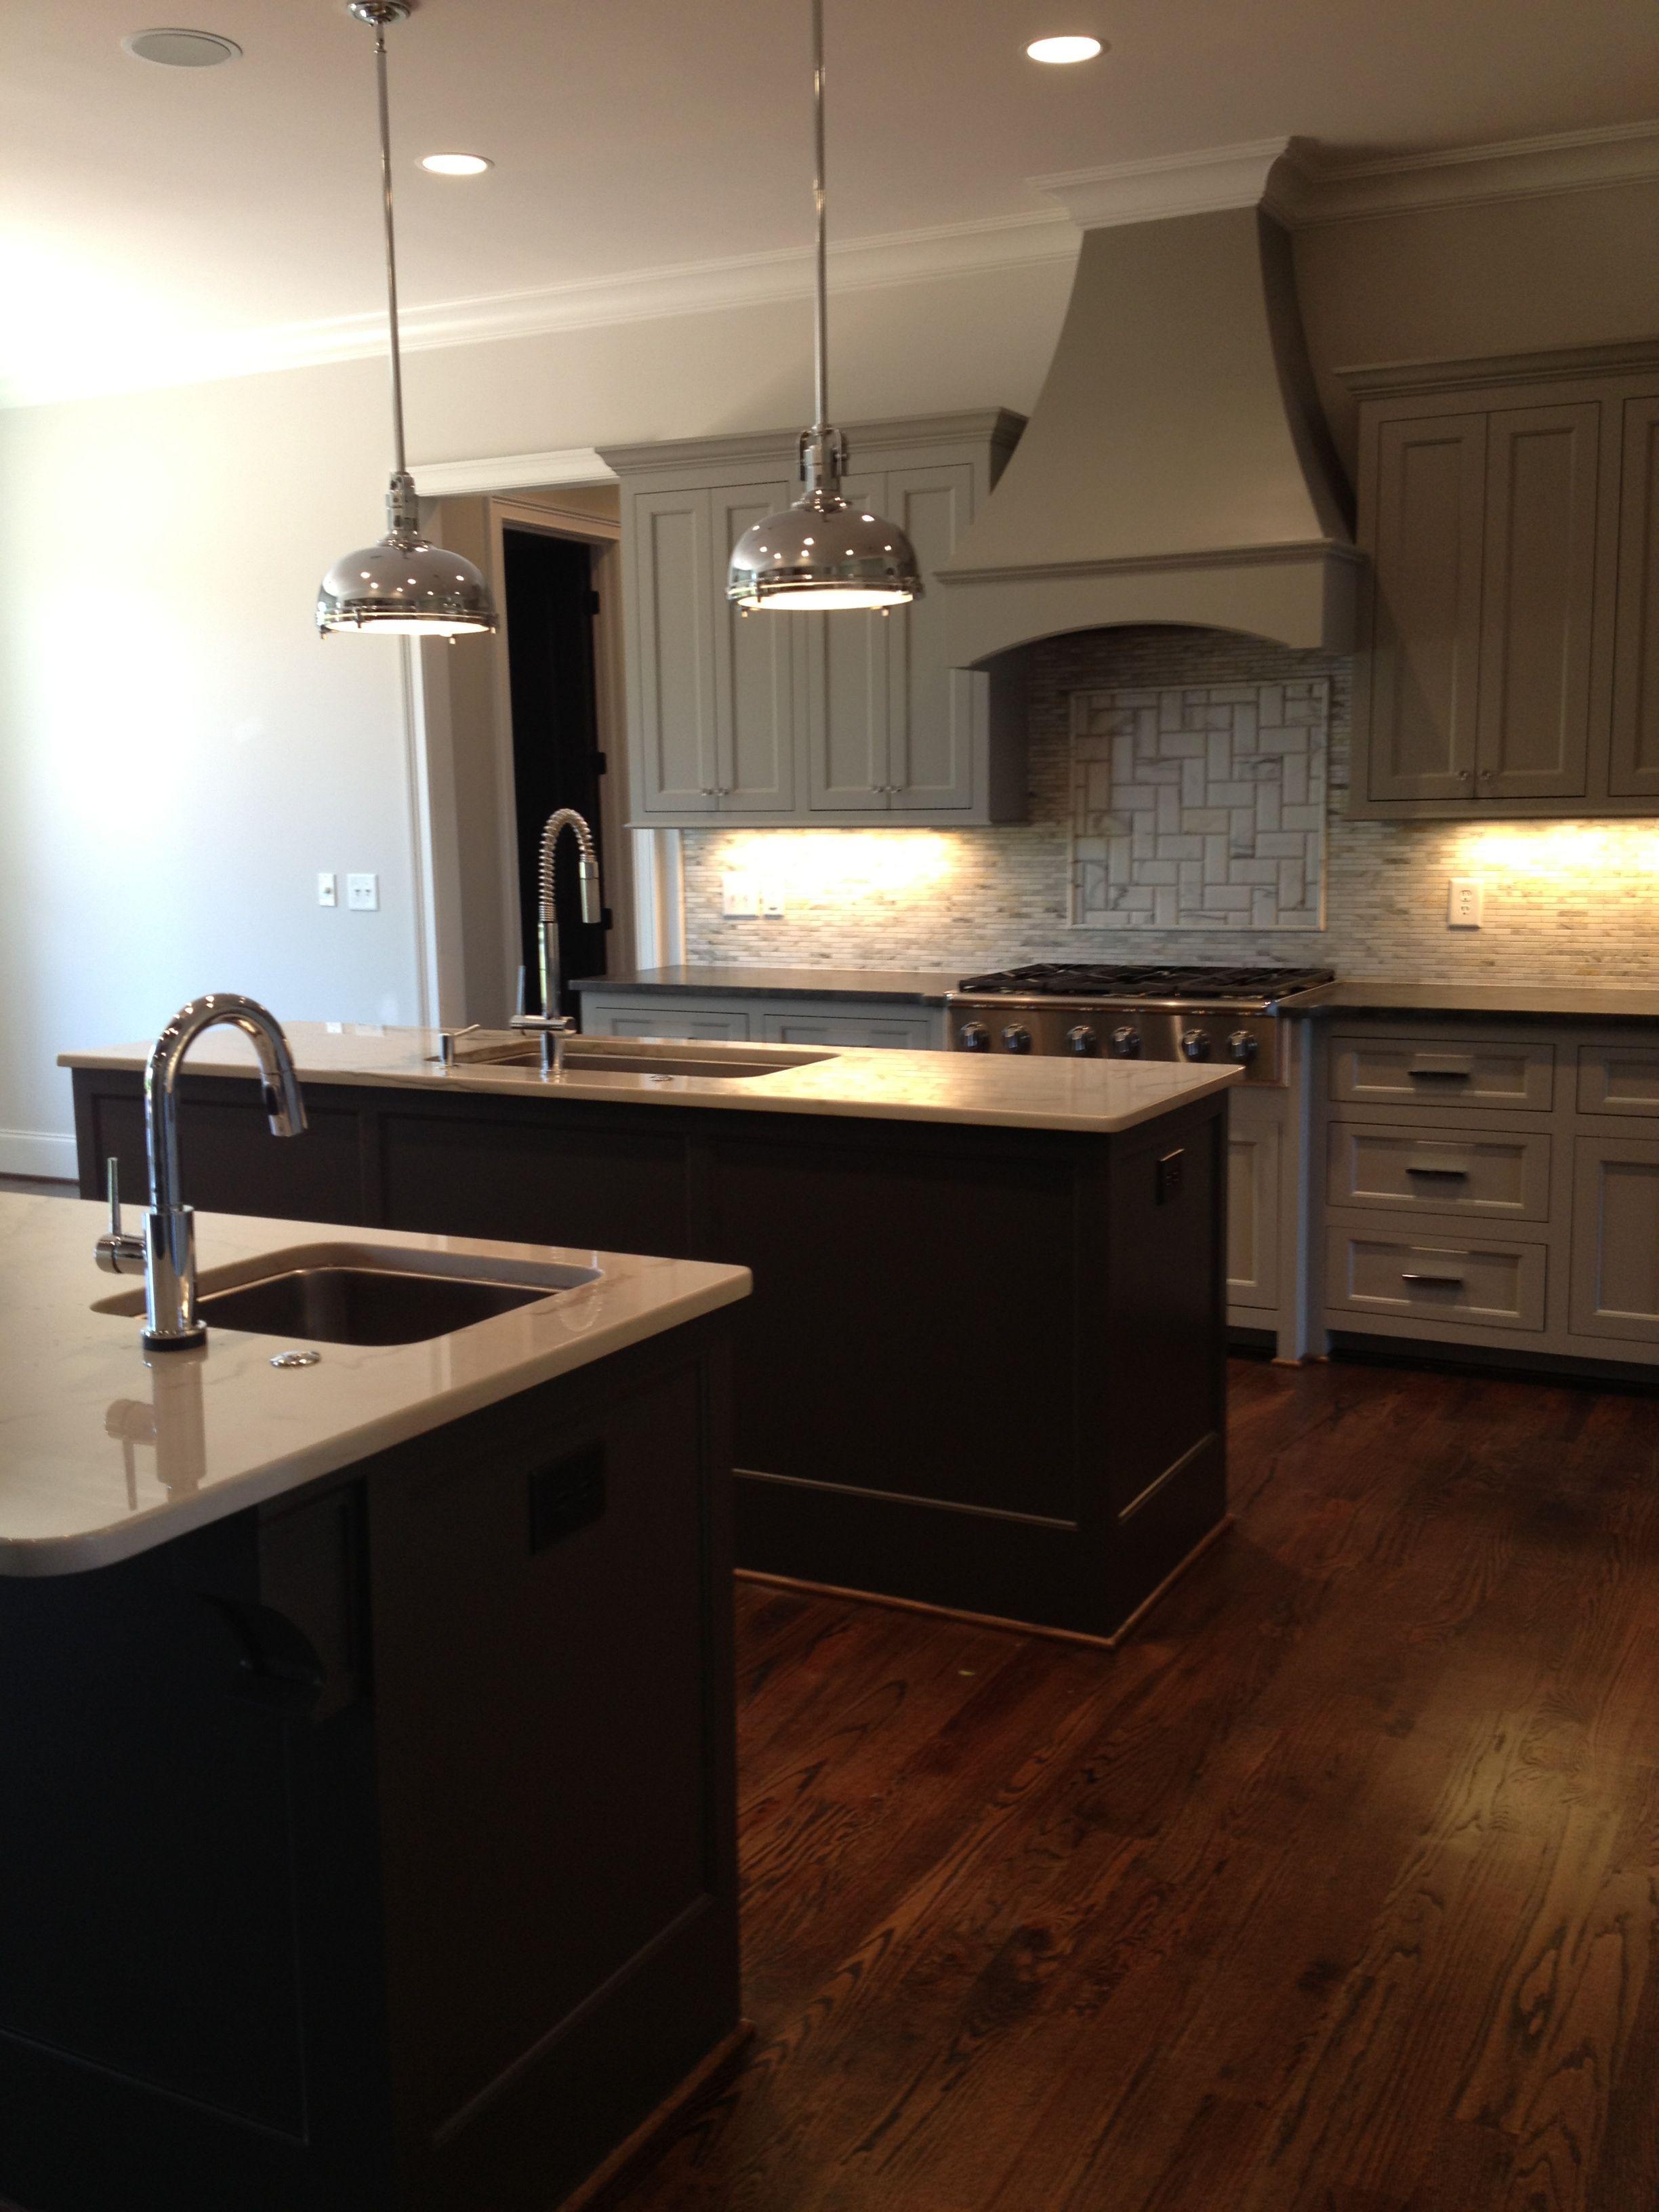 Best New Kitchen Dorian Gray Cabinets Urbane Bronze Islands 640 x 480